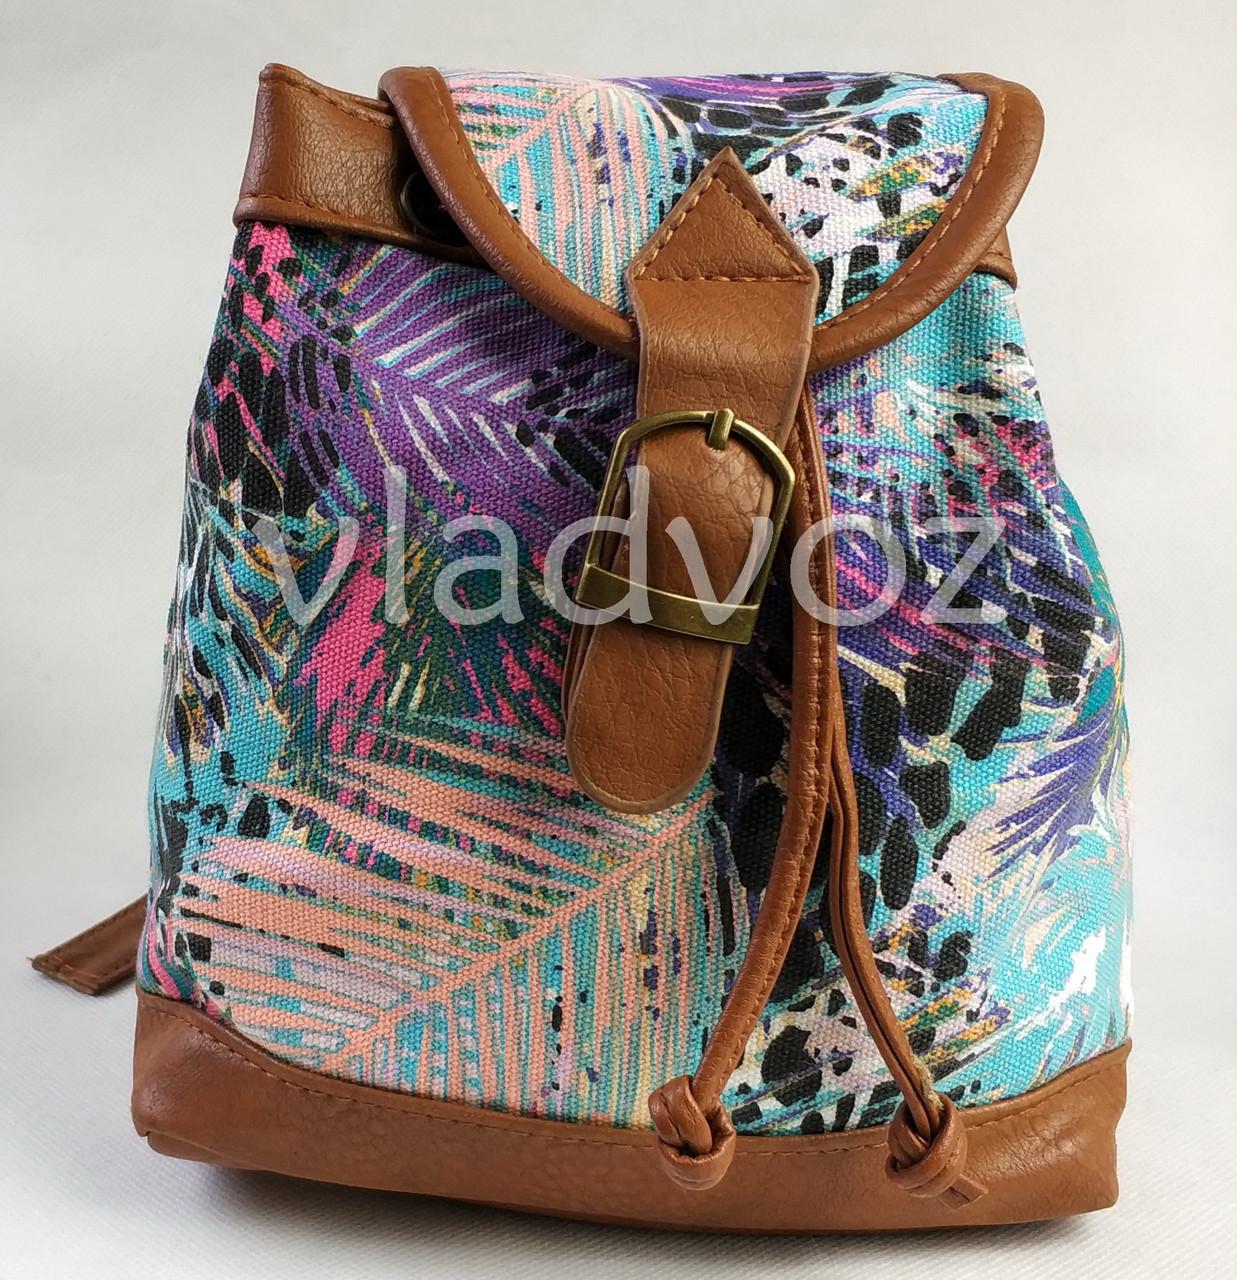 Фото молодежного подросток девочка модный стильный рюкзак на шнурках коричневый природа